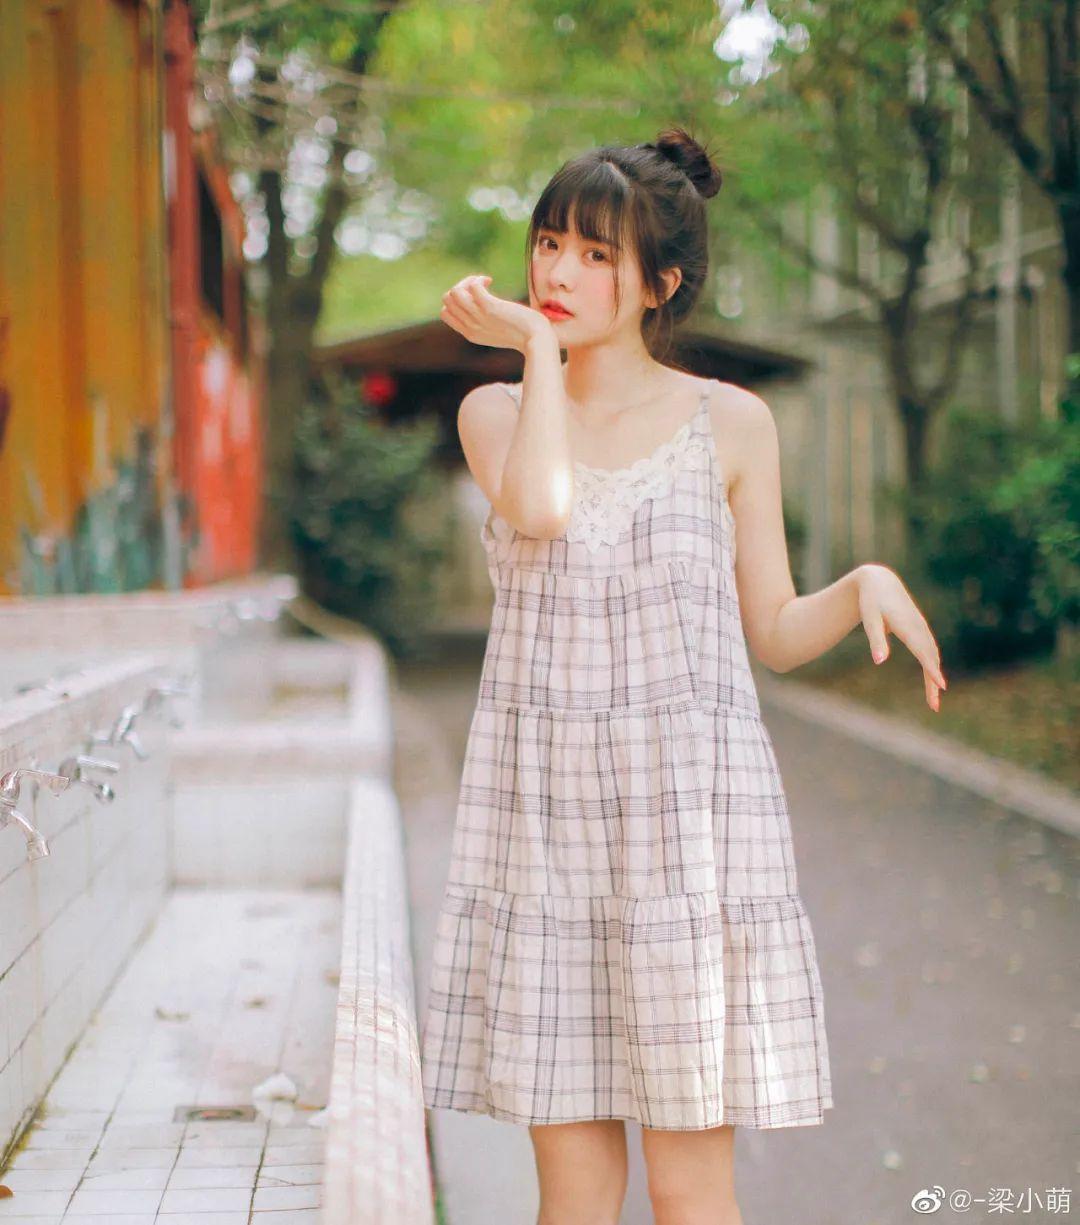 微博妹子@-梁小萌 透支着一股夏日里清凉气息-觅爱图